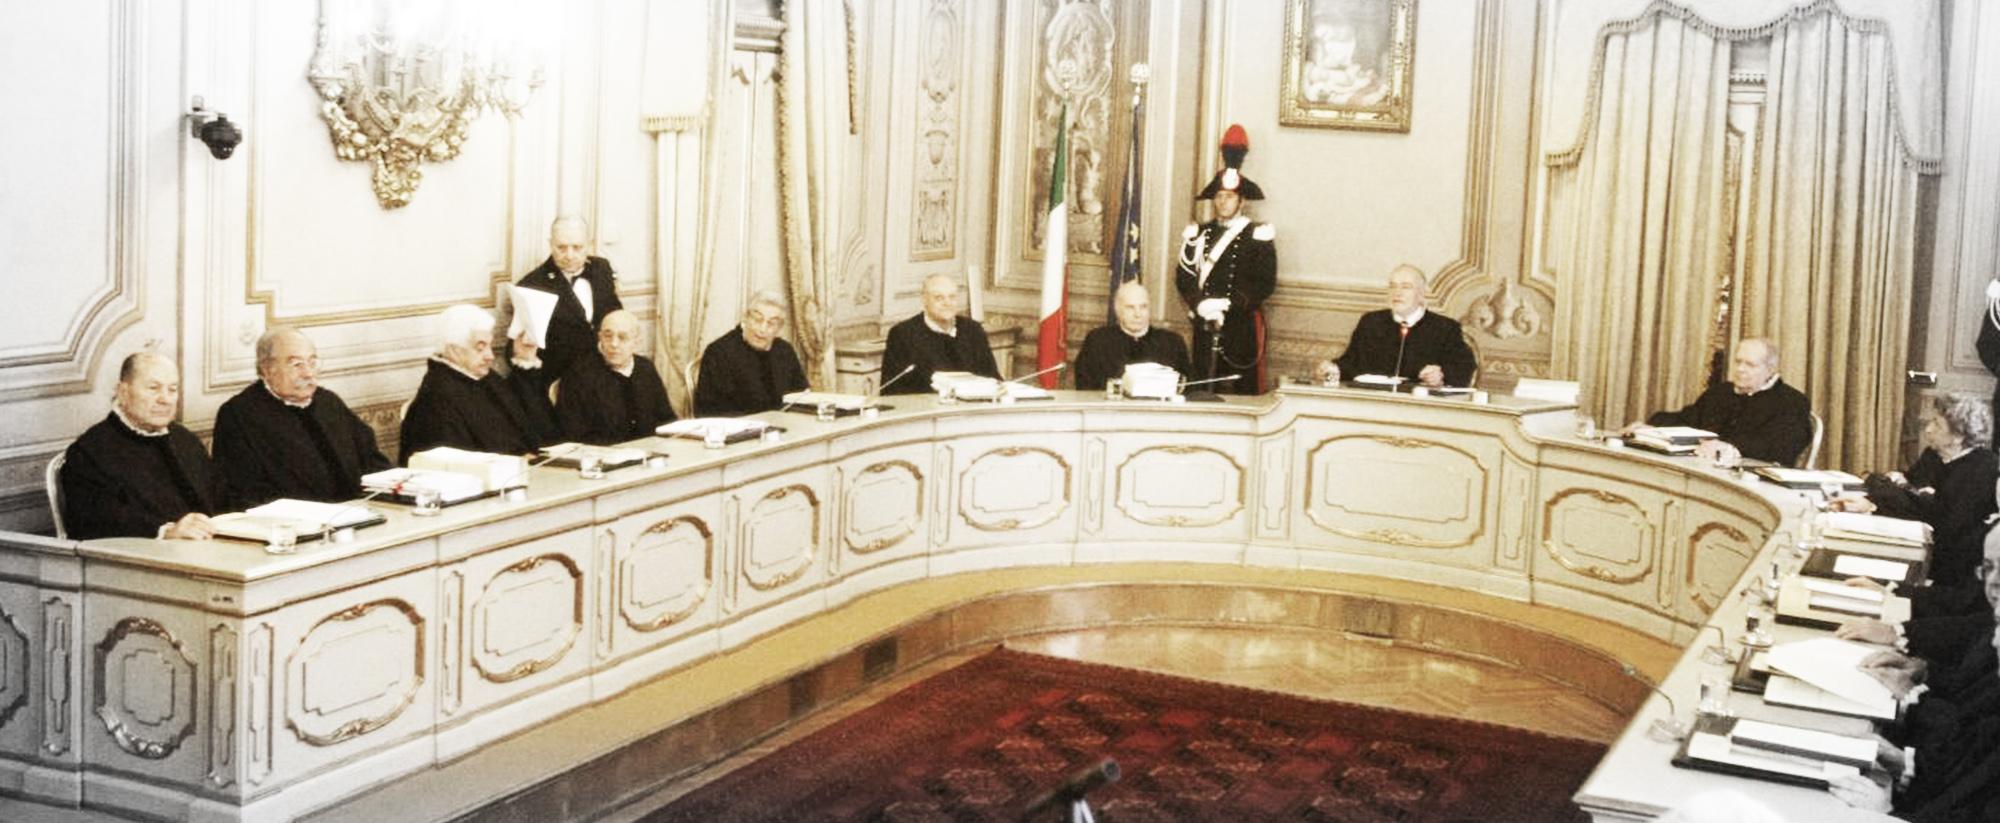 Blocco Stipendiale - Gli orientamenti in attesa della Corte Costituzionale